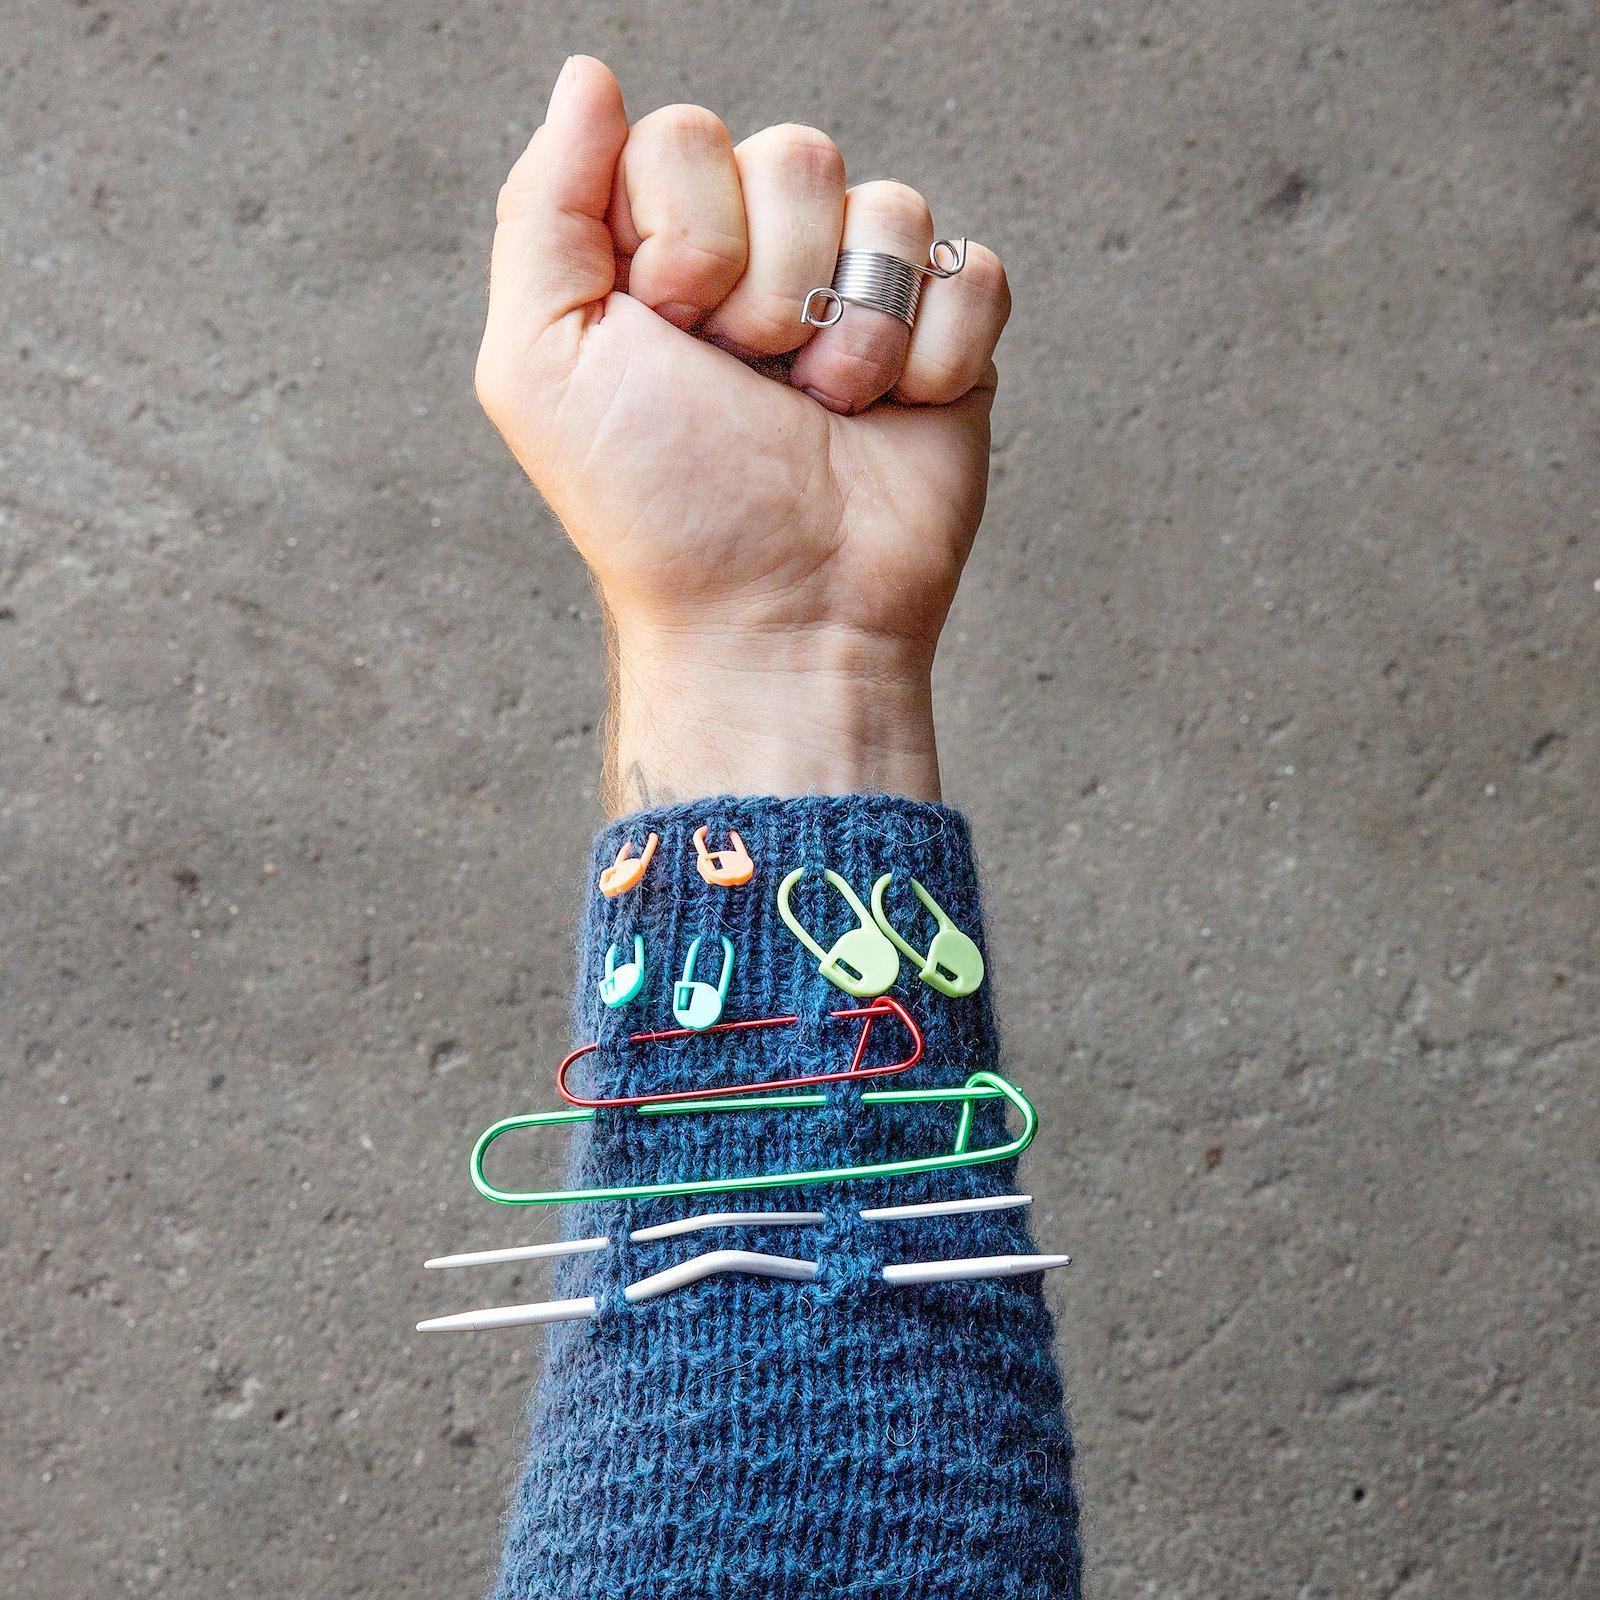 Addi knitting thimble 83105_83300_83304_83301_83106_90054729_bundle